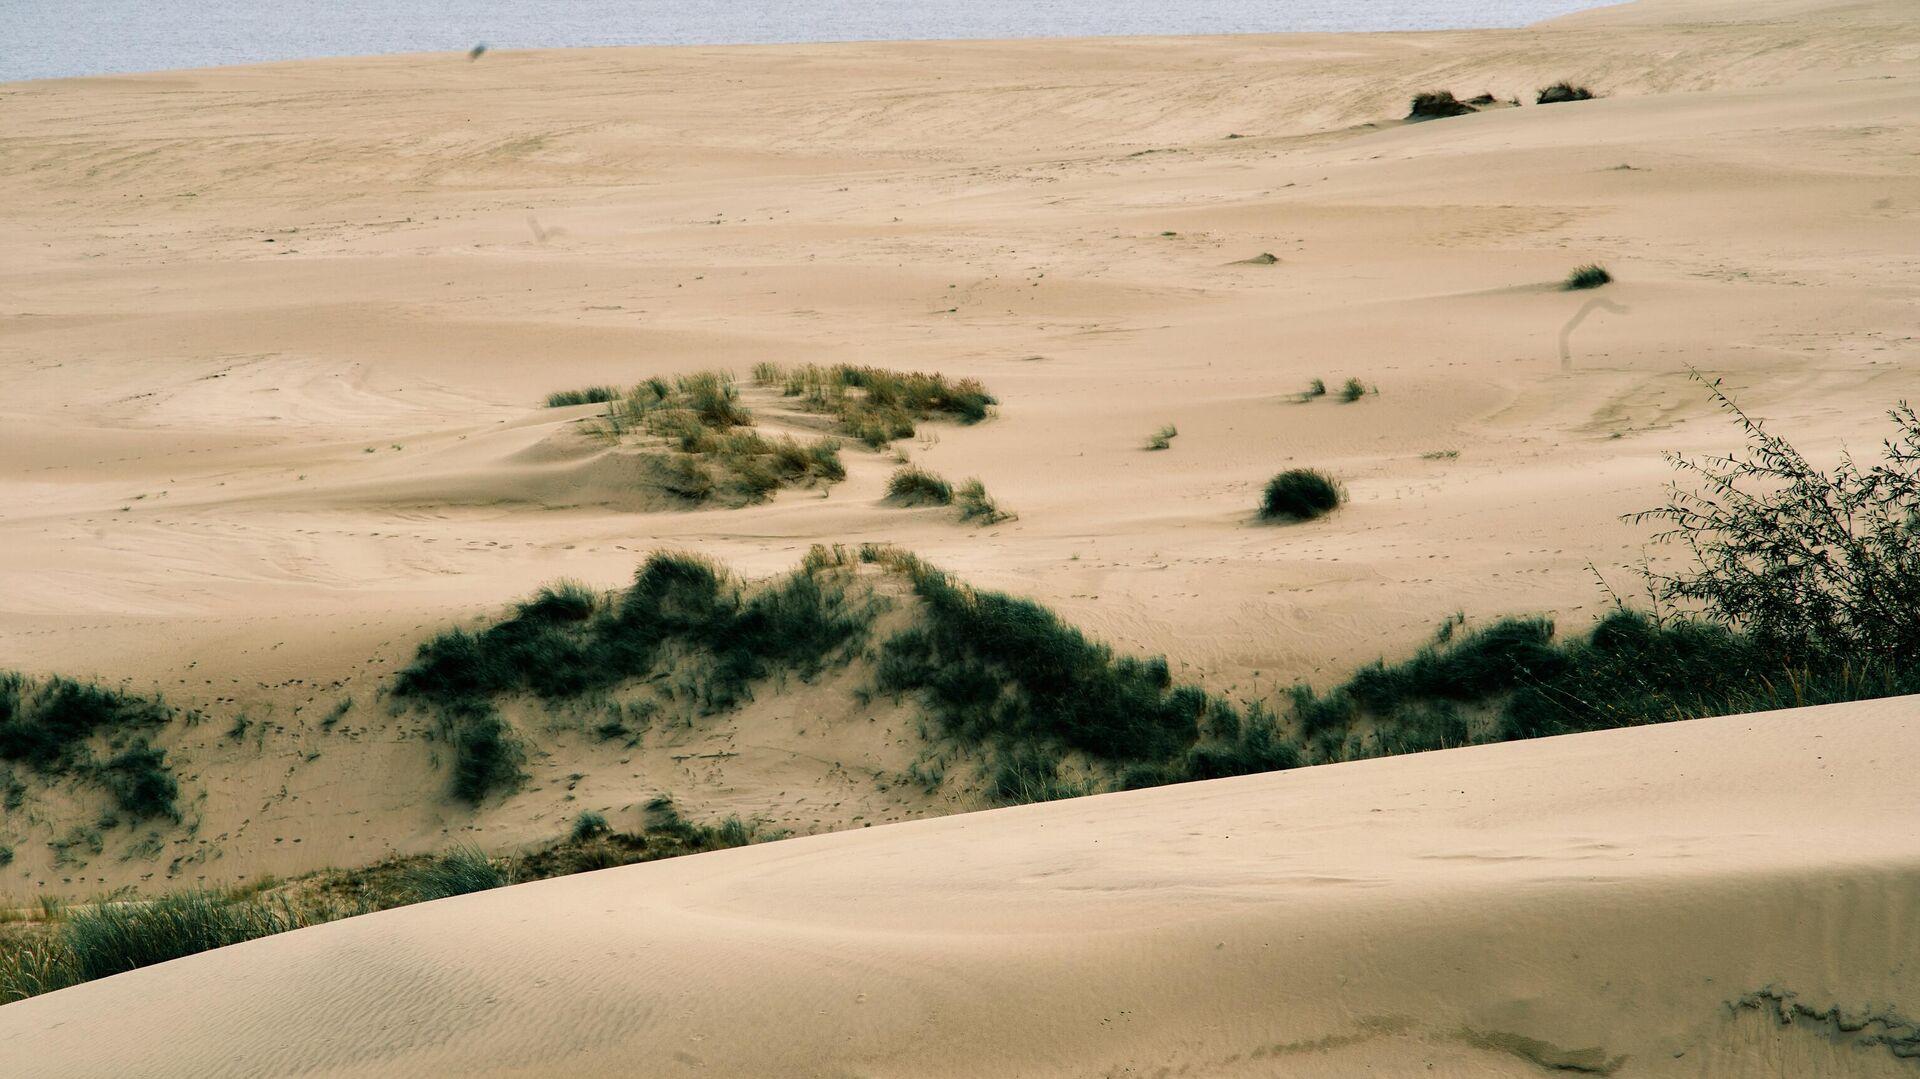 Вид на дюны с высоты Эфа в национальном парке Куршская коса в Калининградской области - РИА Новости, 1920, 29.07.2021